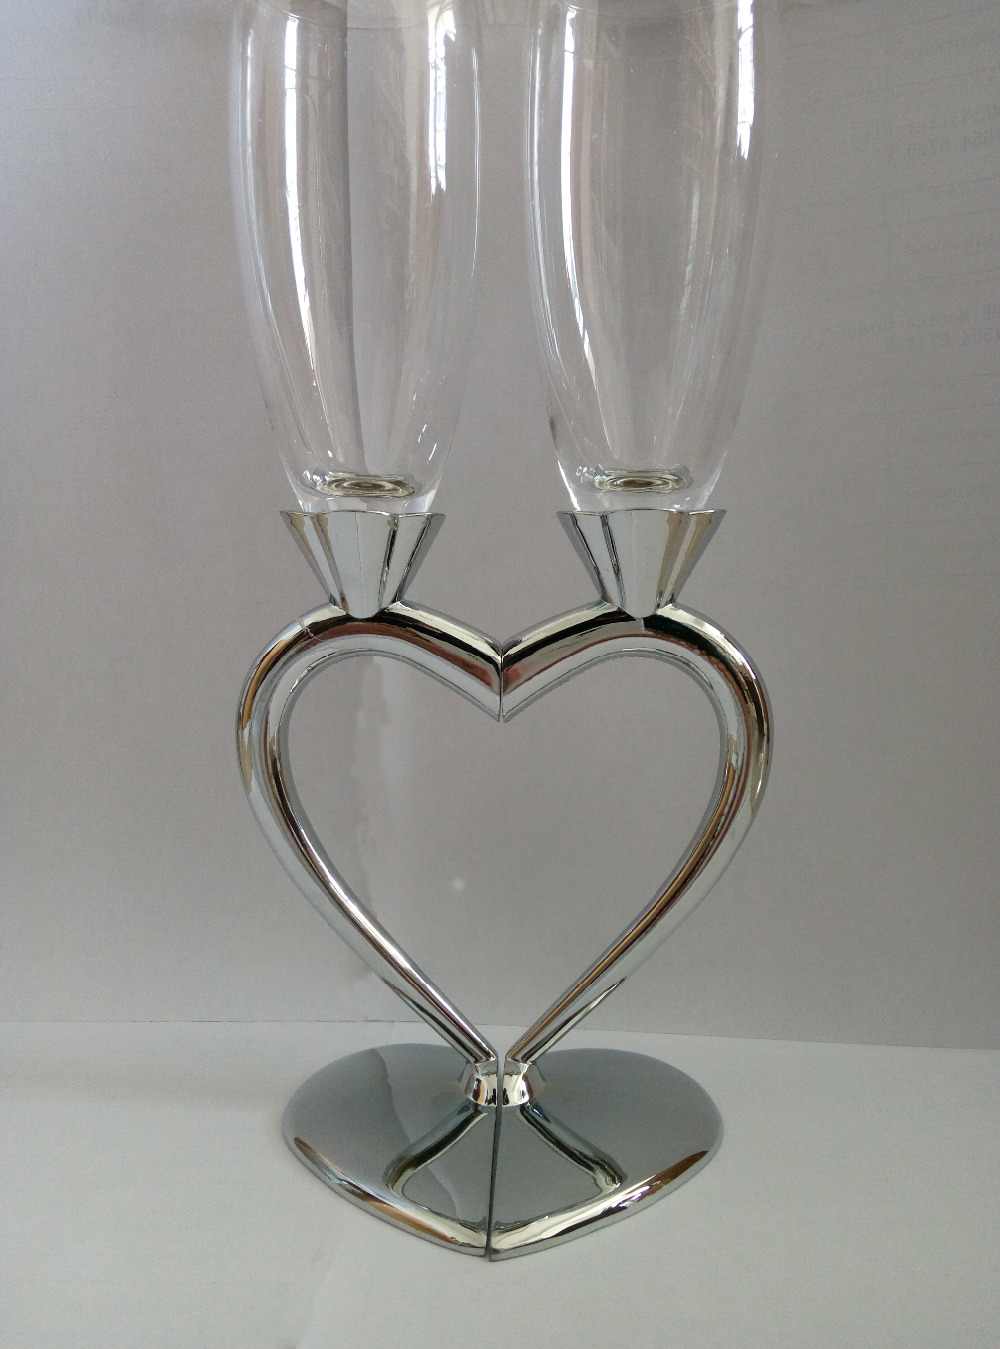 1set heart design silver plated goblet wedding toasting. Black Bedroom Furniture Sets. Home Design Ideas